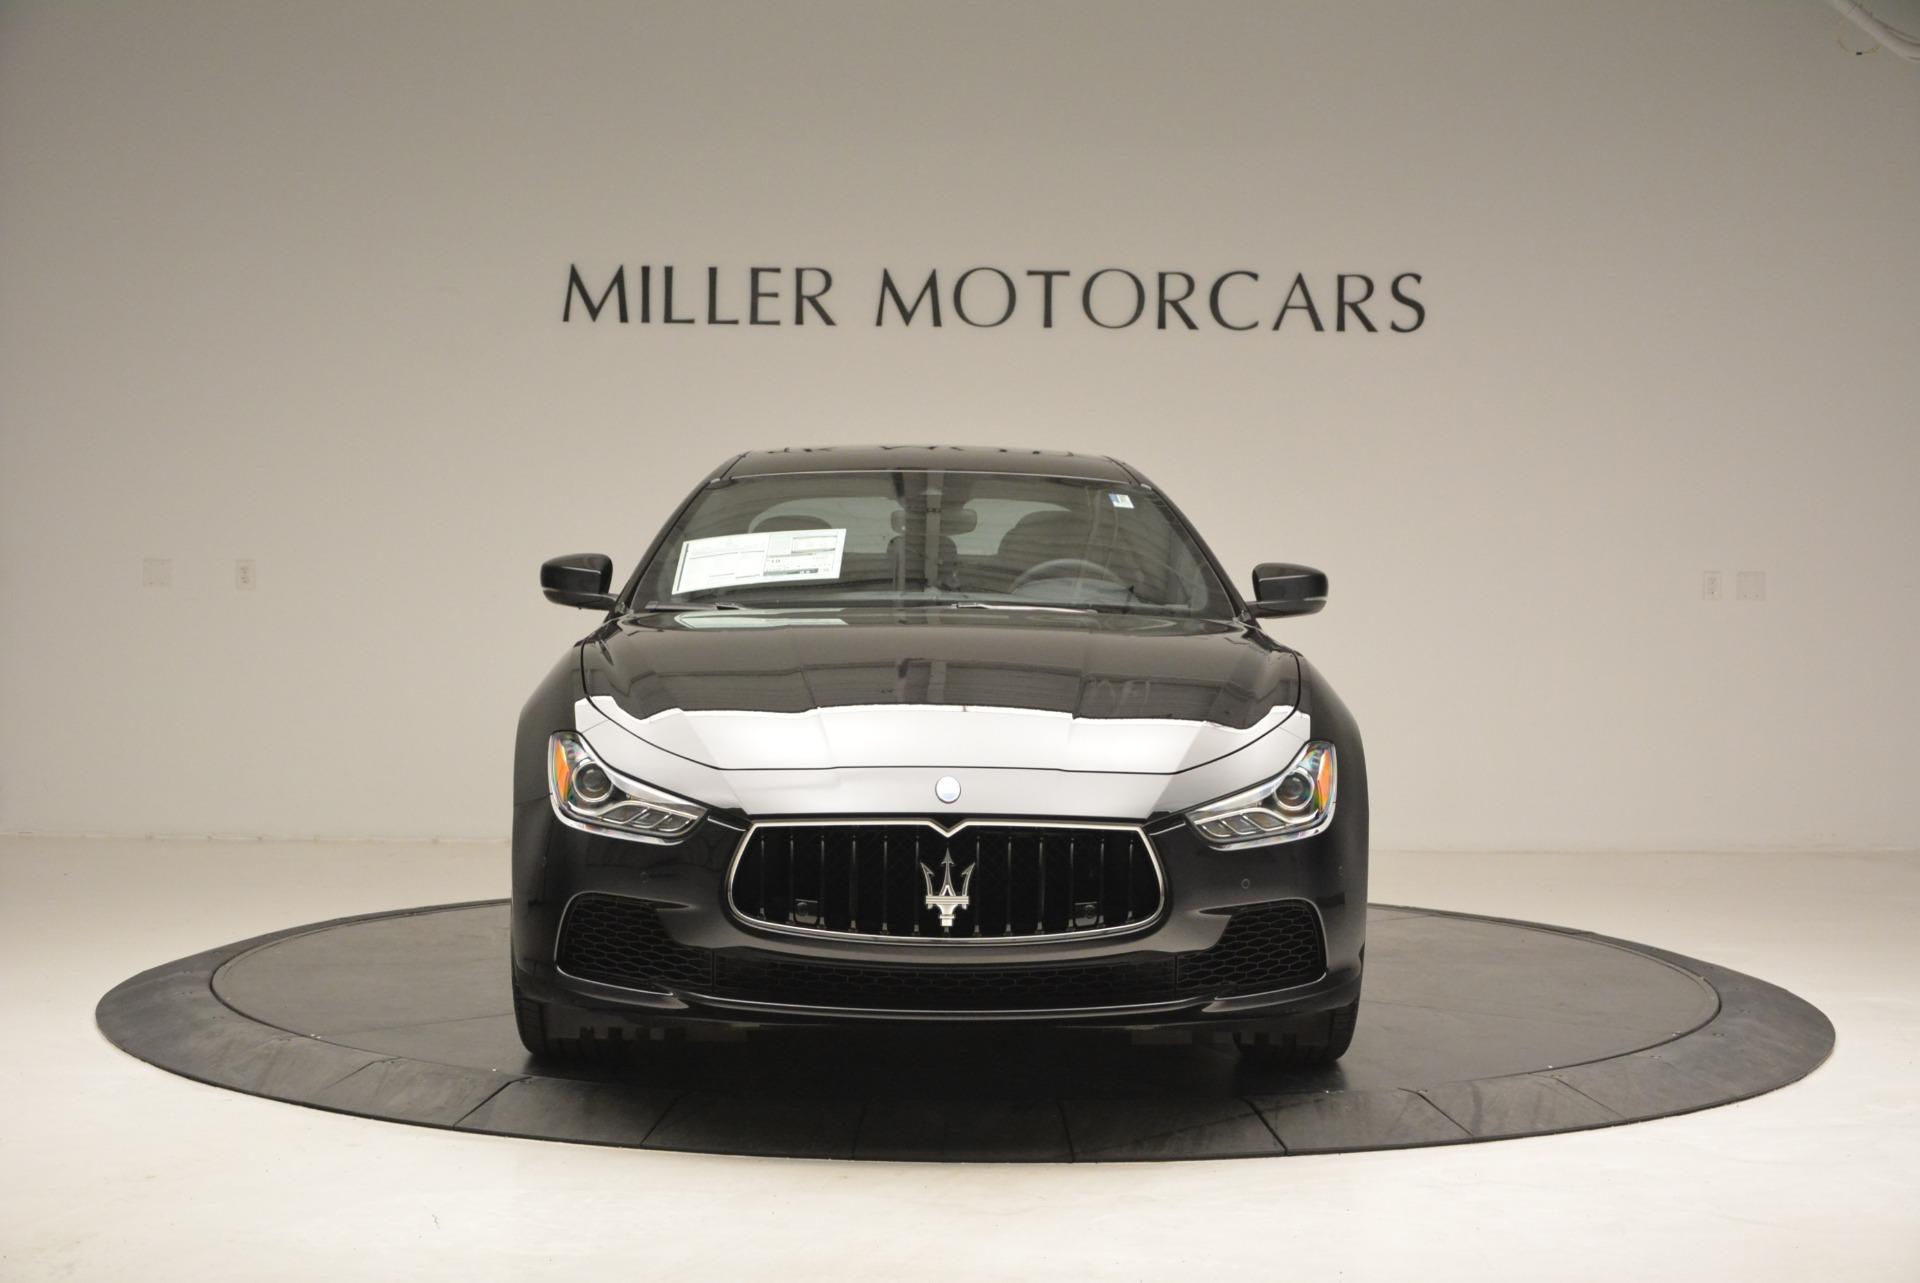 New 2017 Maserati Ghibli SQ4 For Sale In Greenwich, CT 1033_p12